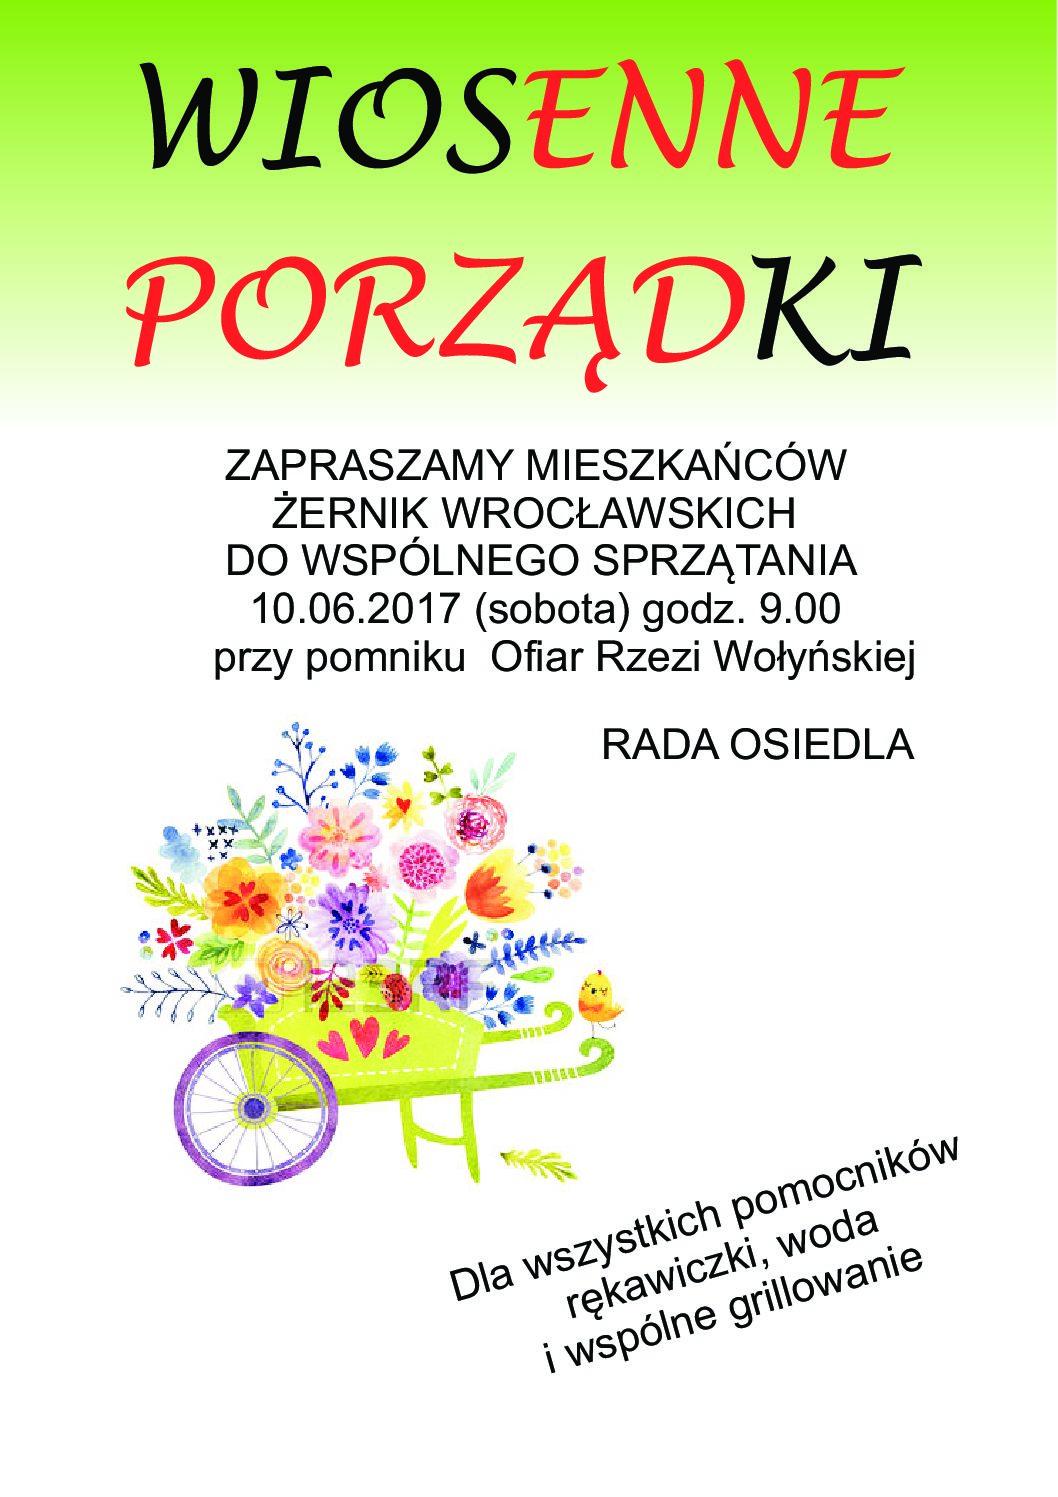 WIOSENNE PORZĄDKI - 10.06.2017